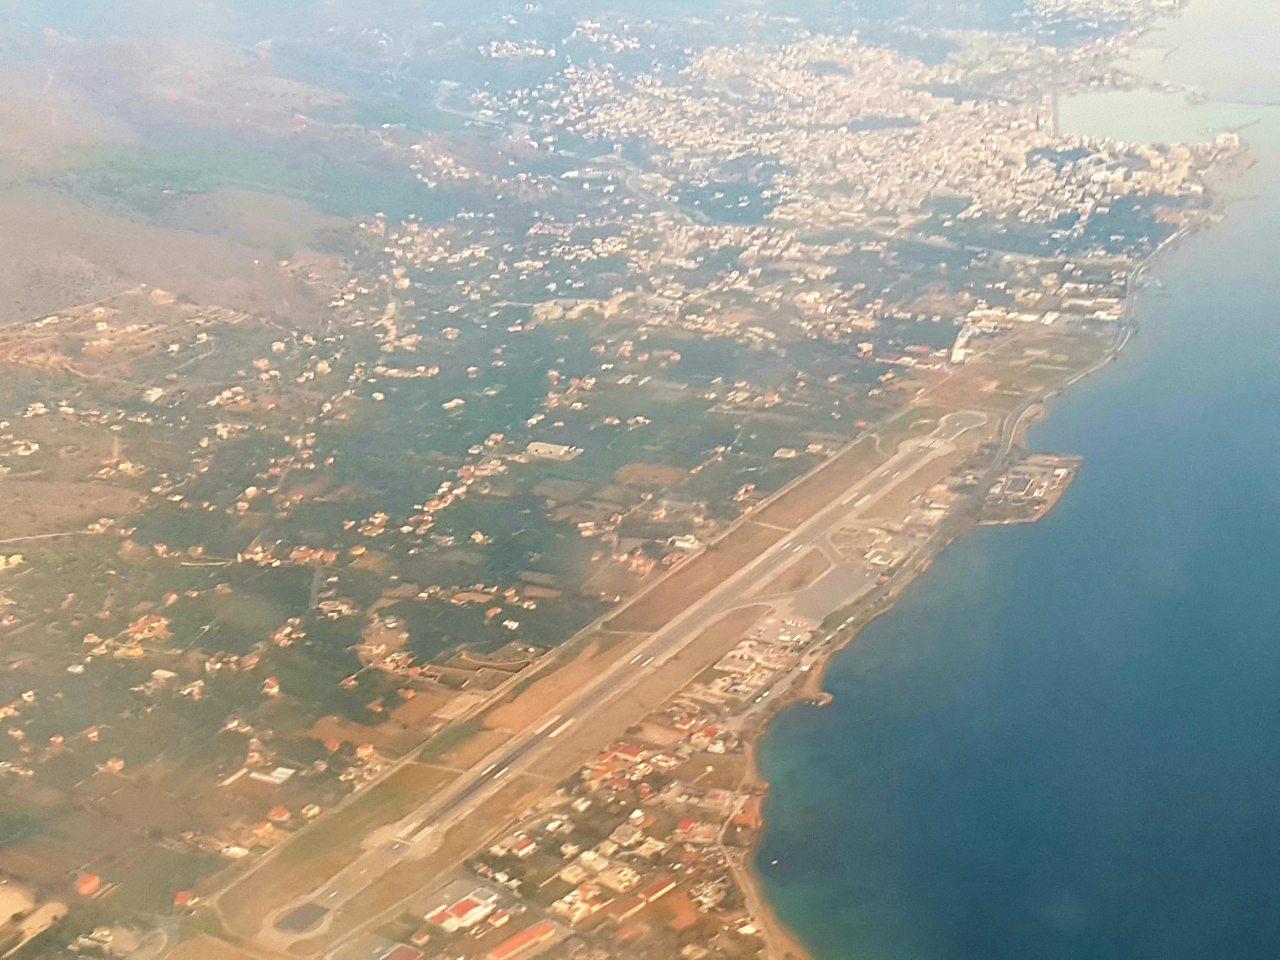 Αεροδρόμιο Χίου: Μελέτη μετατόπισης τμήματος παραλιακής οδού Χίου-Καρφά